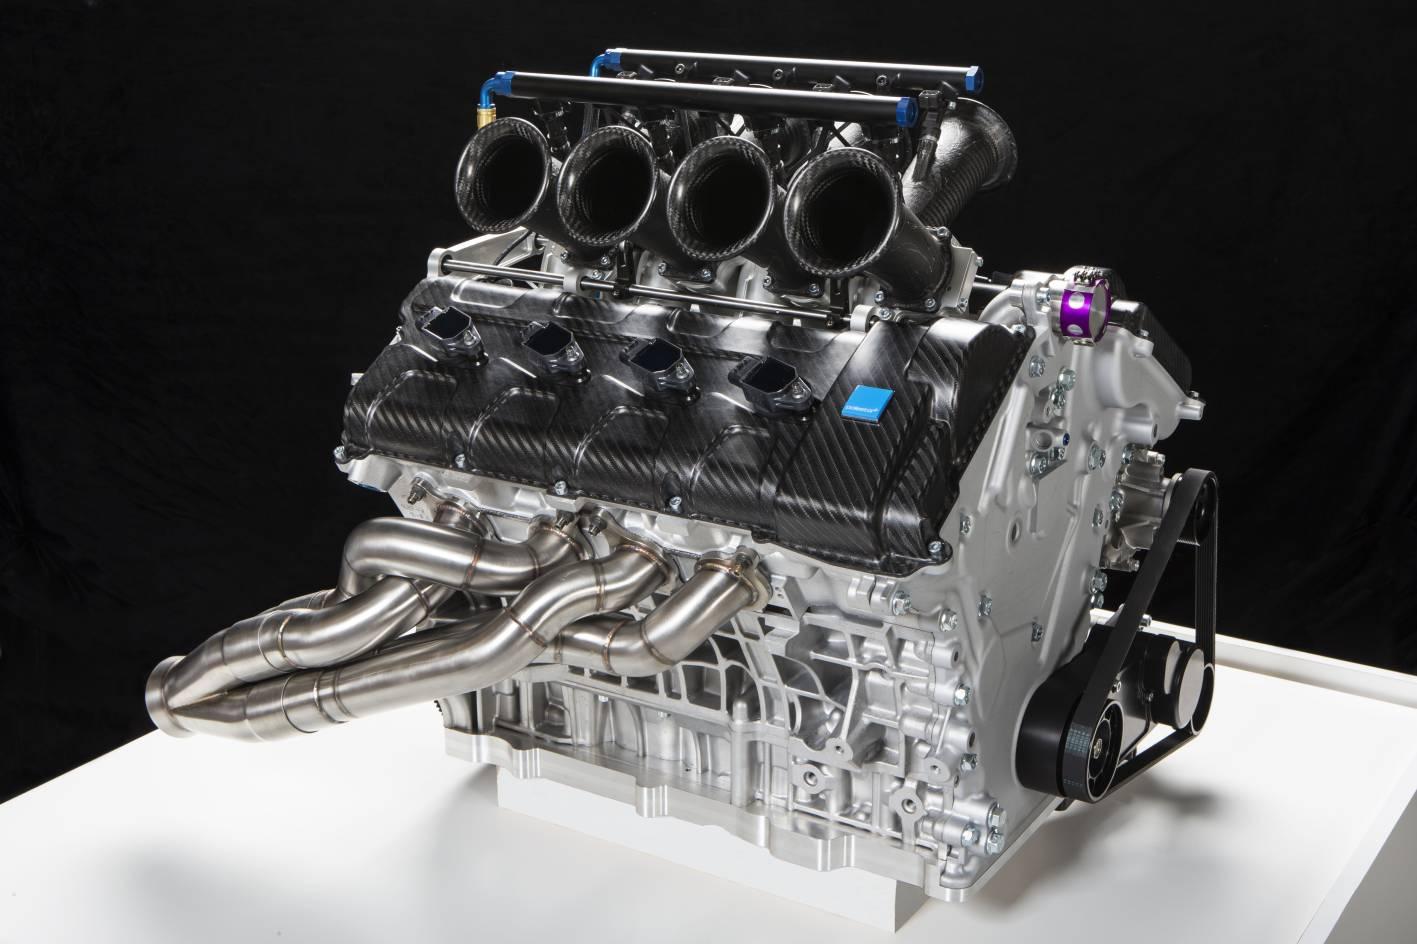 Volvo reveals V8 Supercar engine - photos | CarAdvice